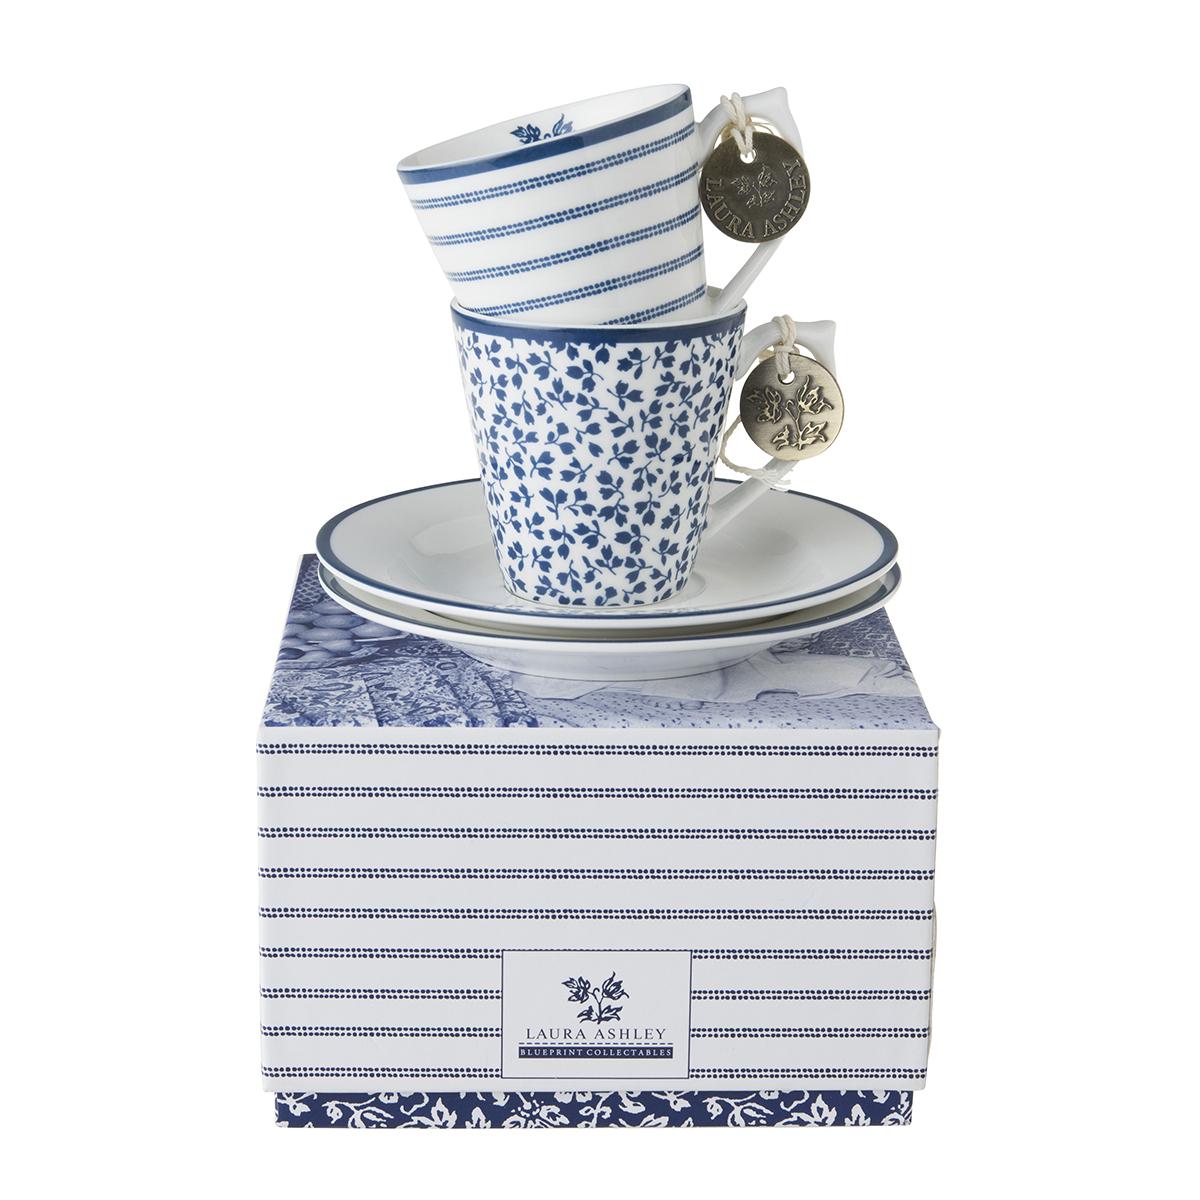 kop-en-schotel-set-espresso-floris-candy-laura-ashley-178725-met-verpakking-2